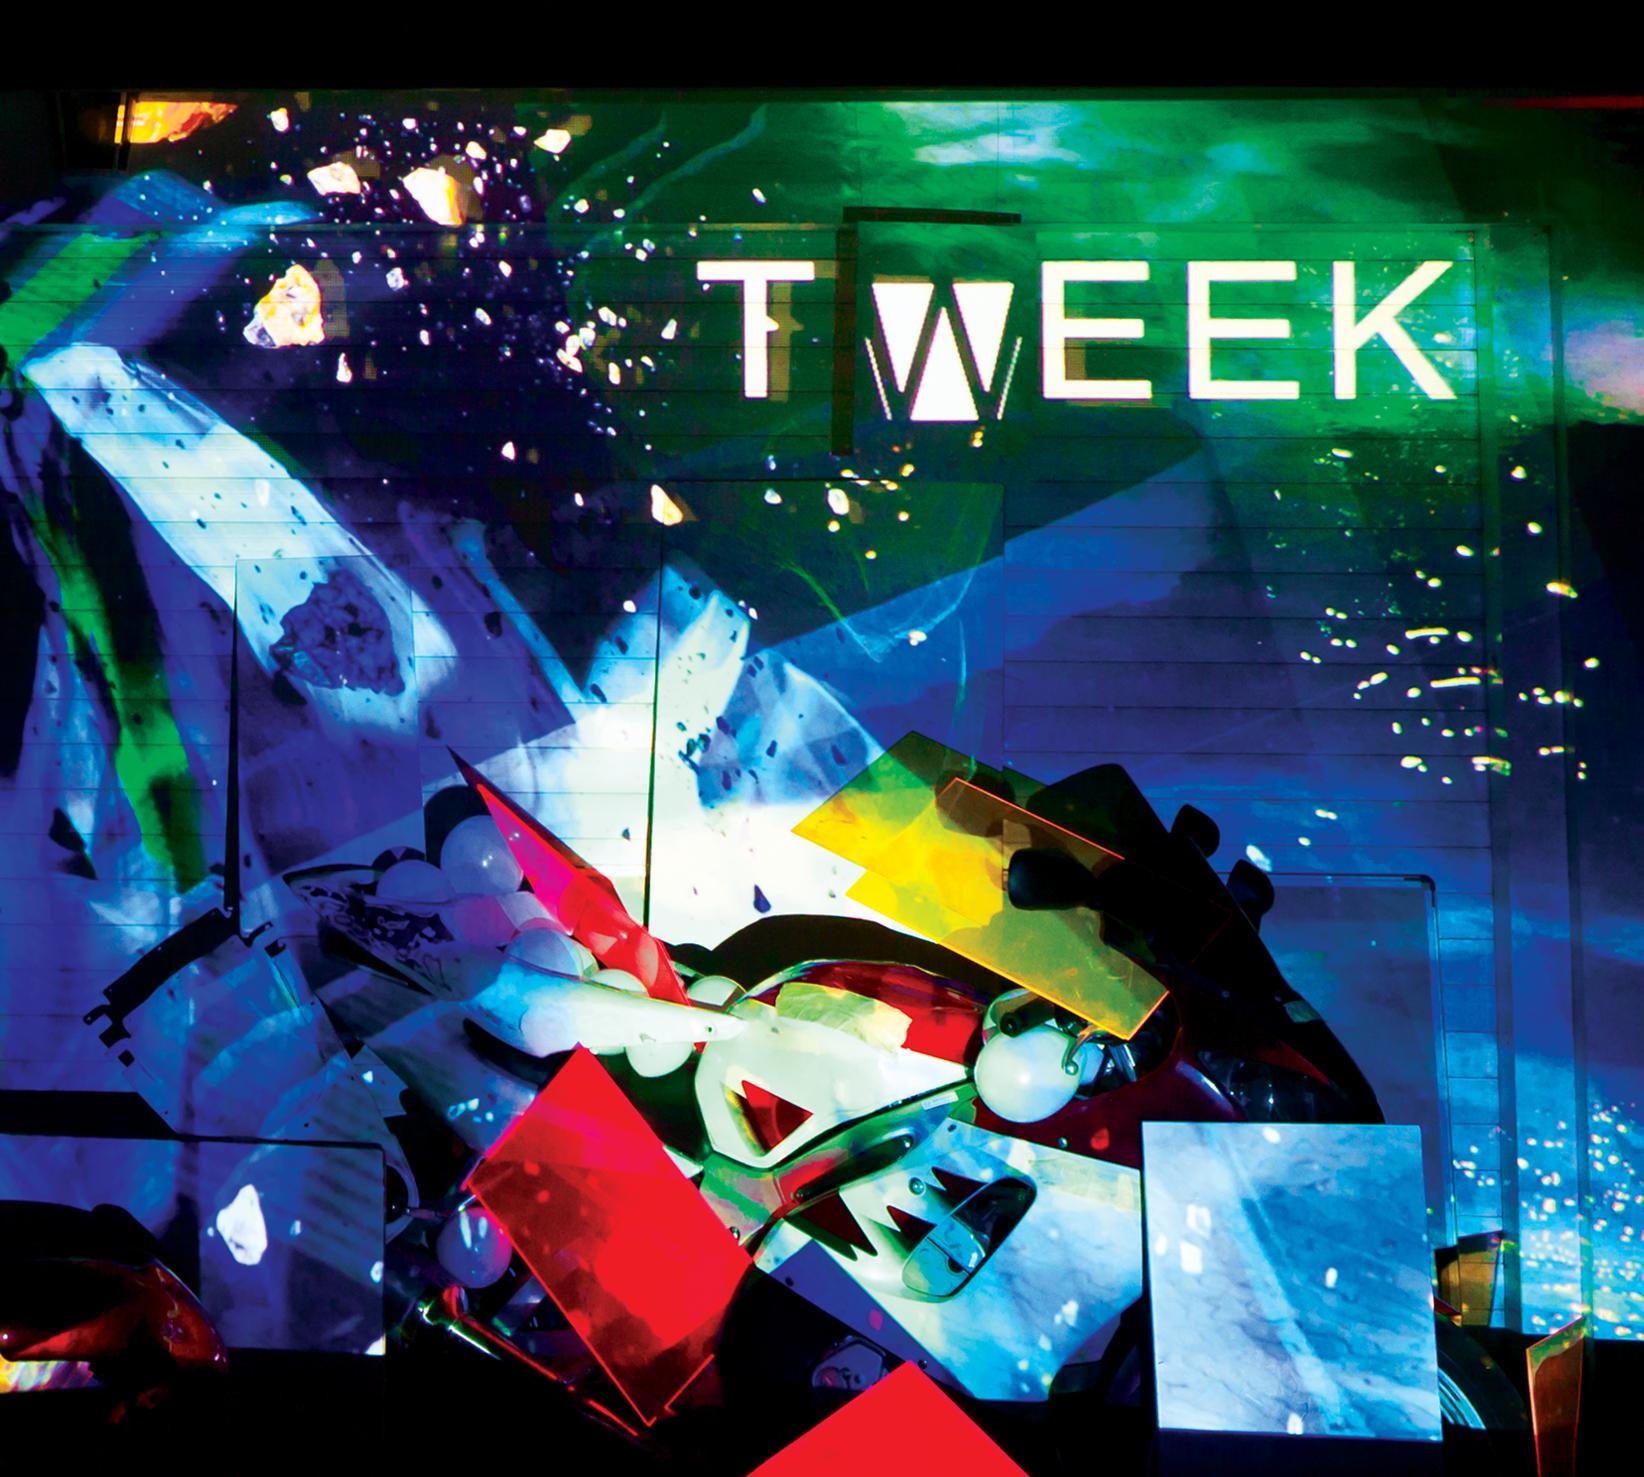 TWEEK – Tweek